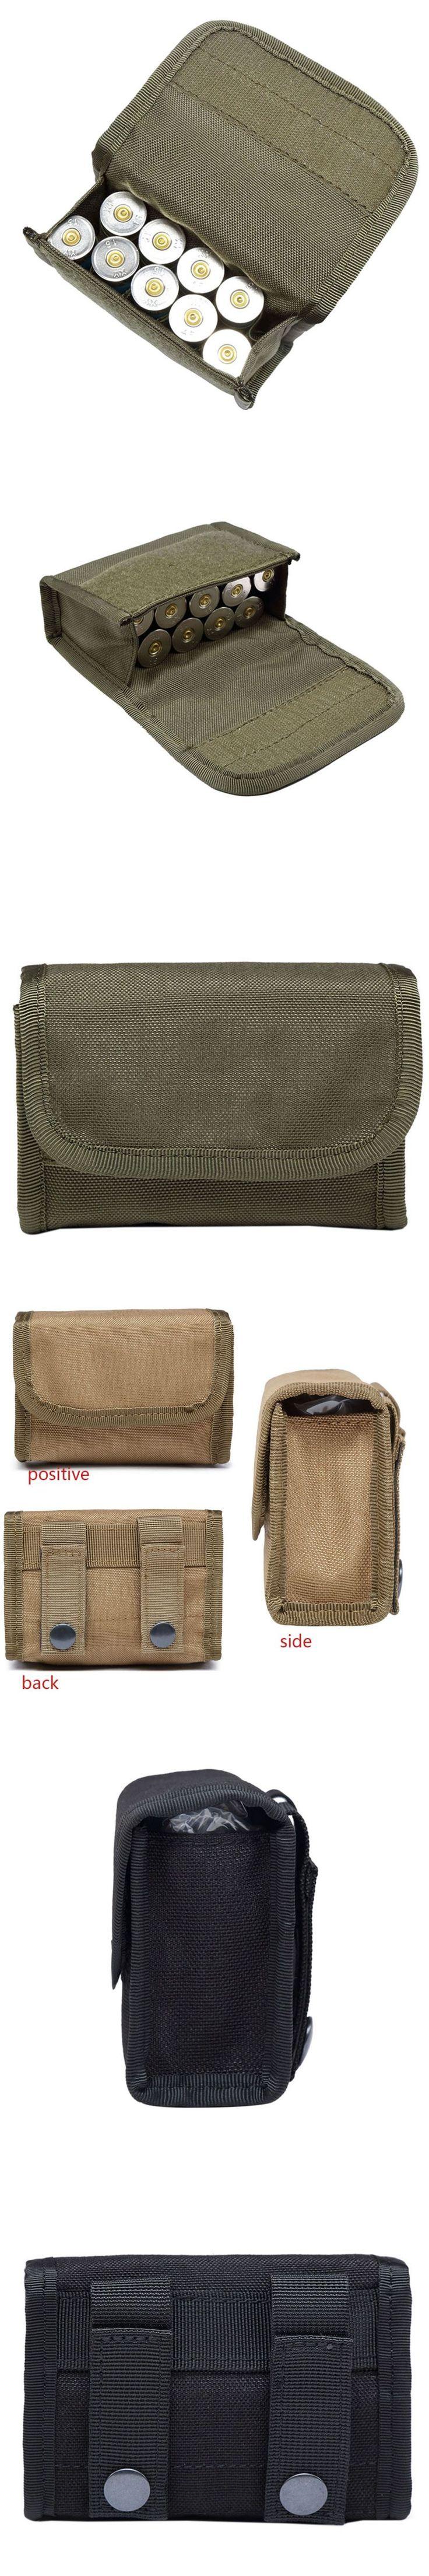 Tactical 10 Round Shotgun Shotshell Reload Holder Molle Pouch for 12 Gauge/20G Magazine Pouch Ammo Round Cartridge Holder j2